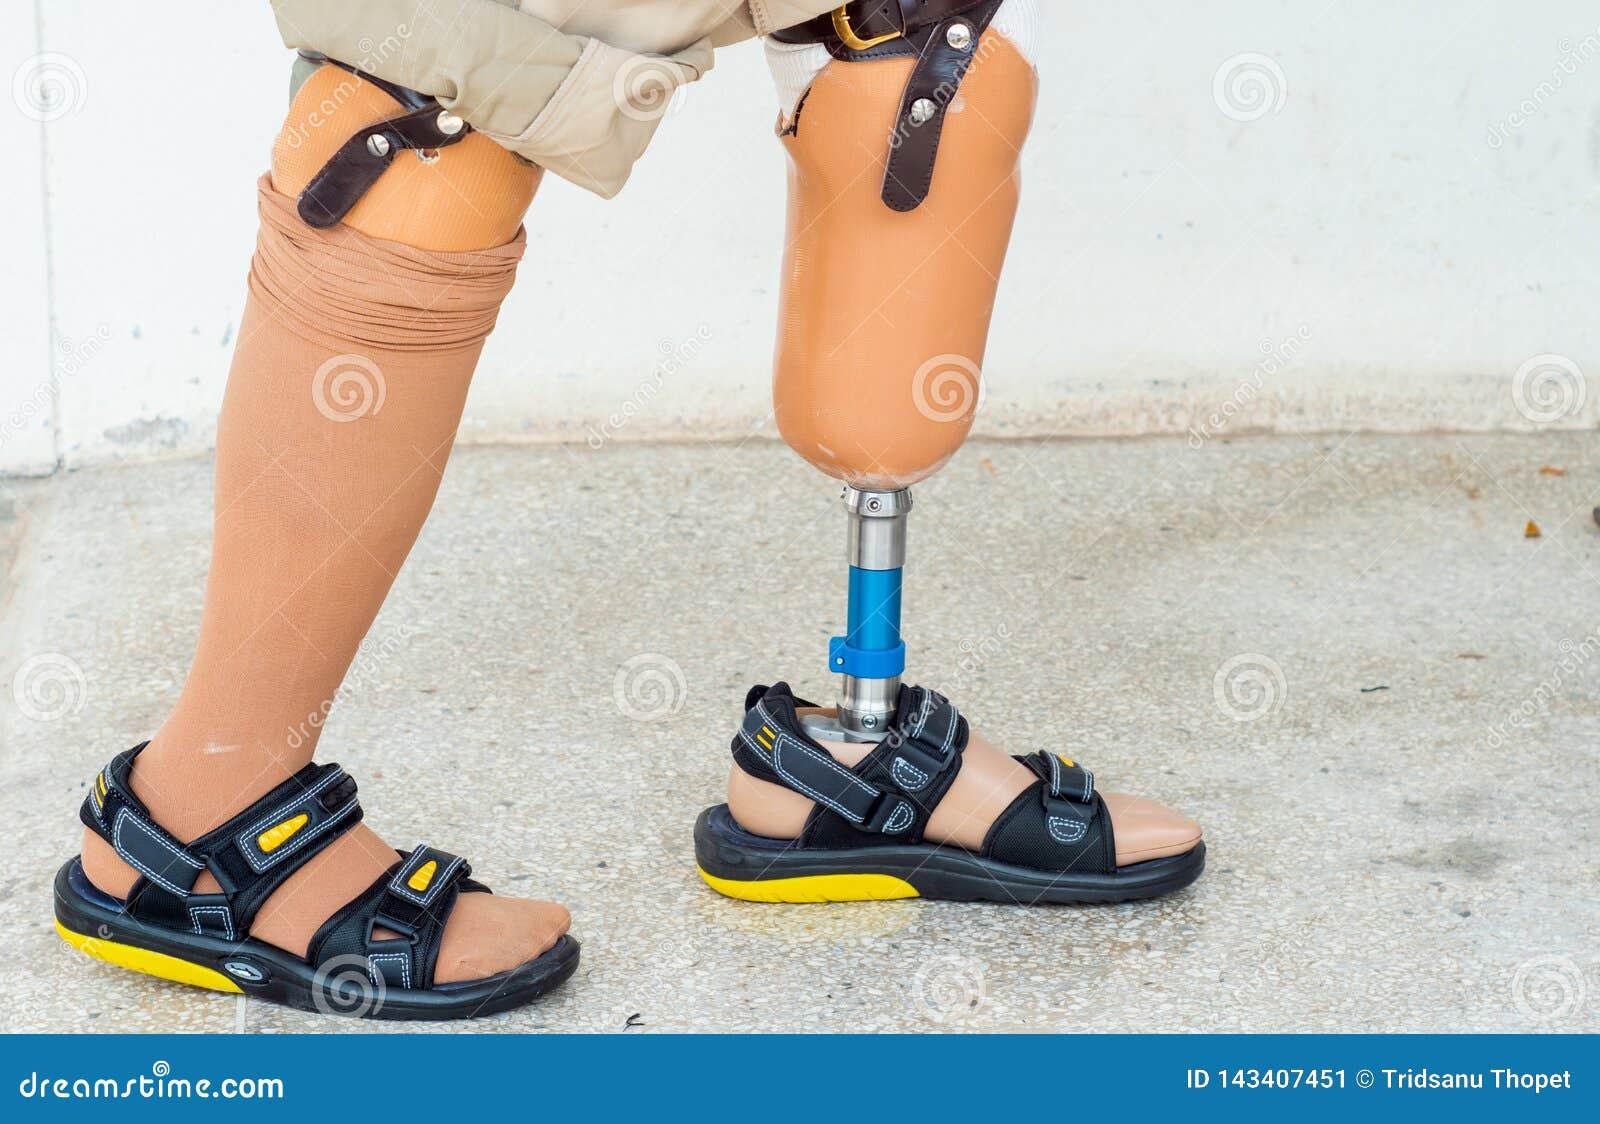 Bilateral amputee walking